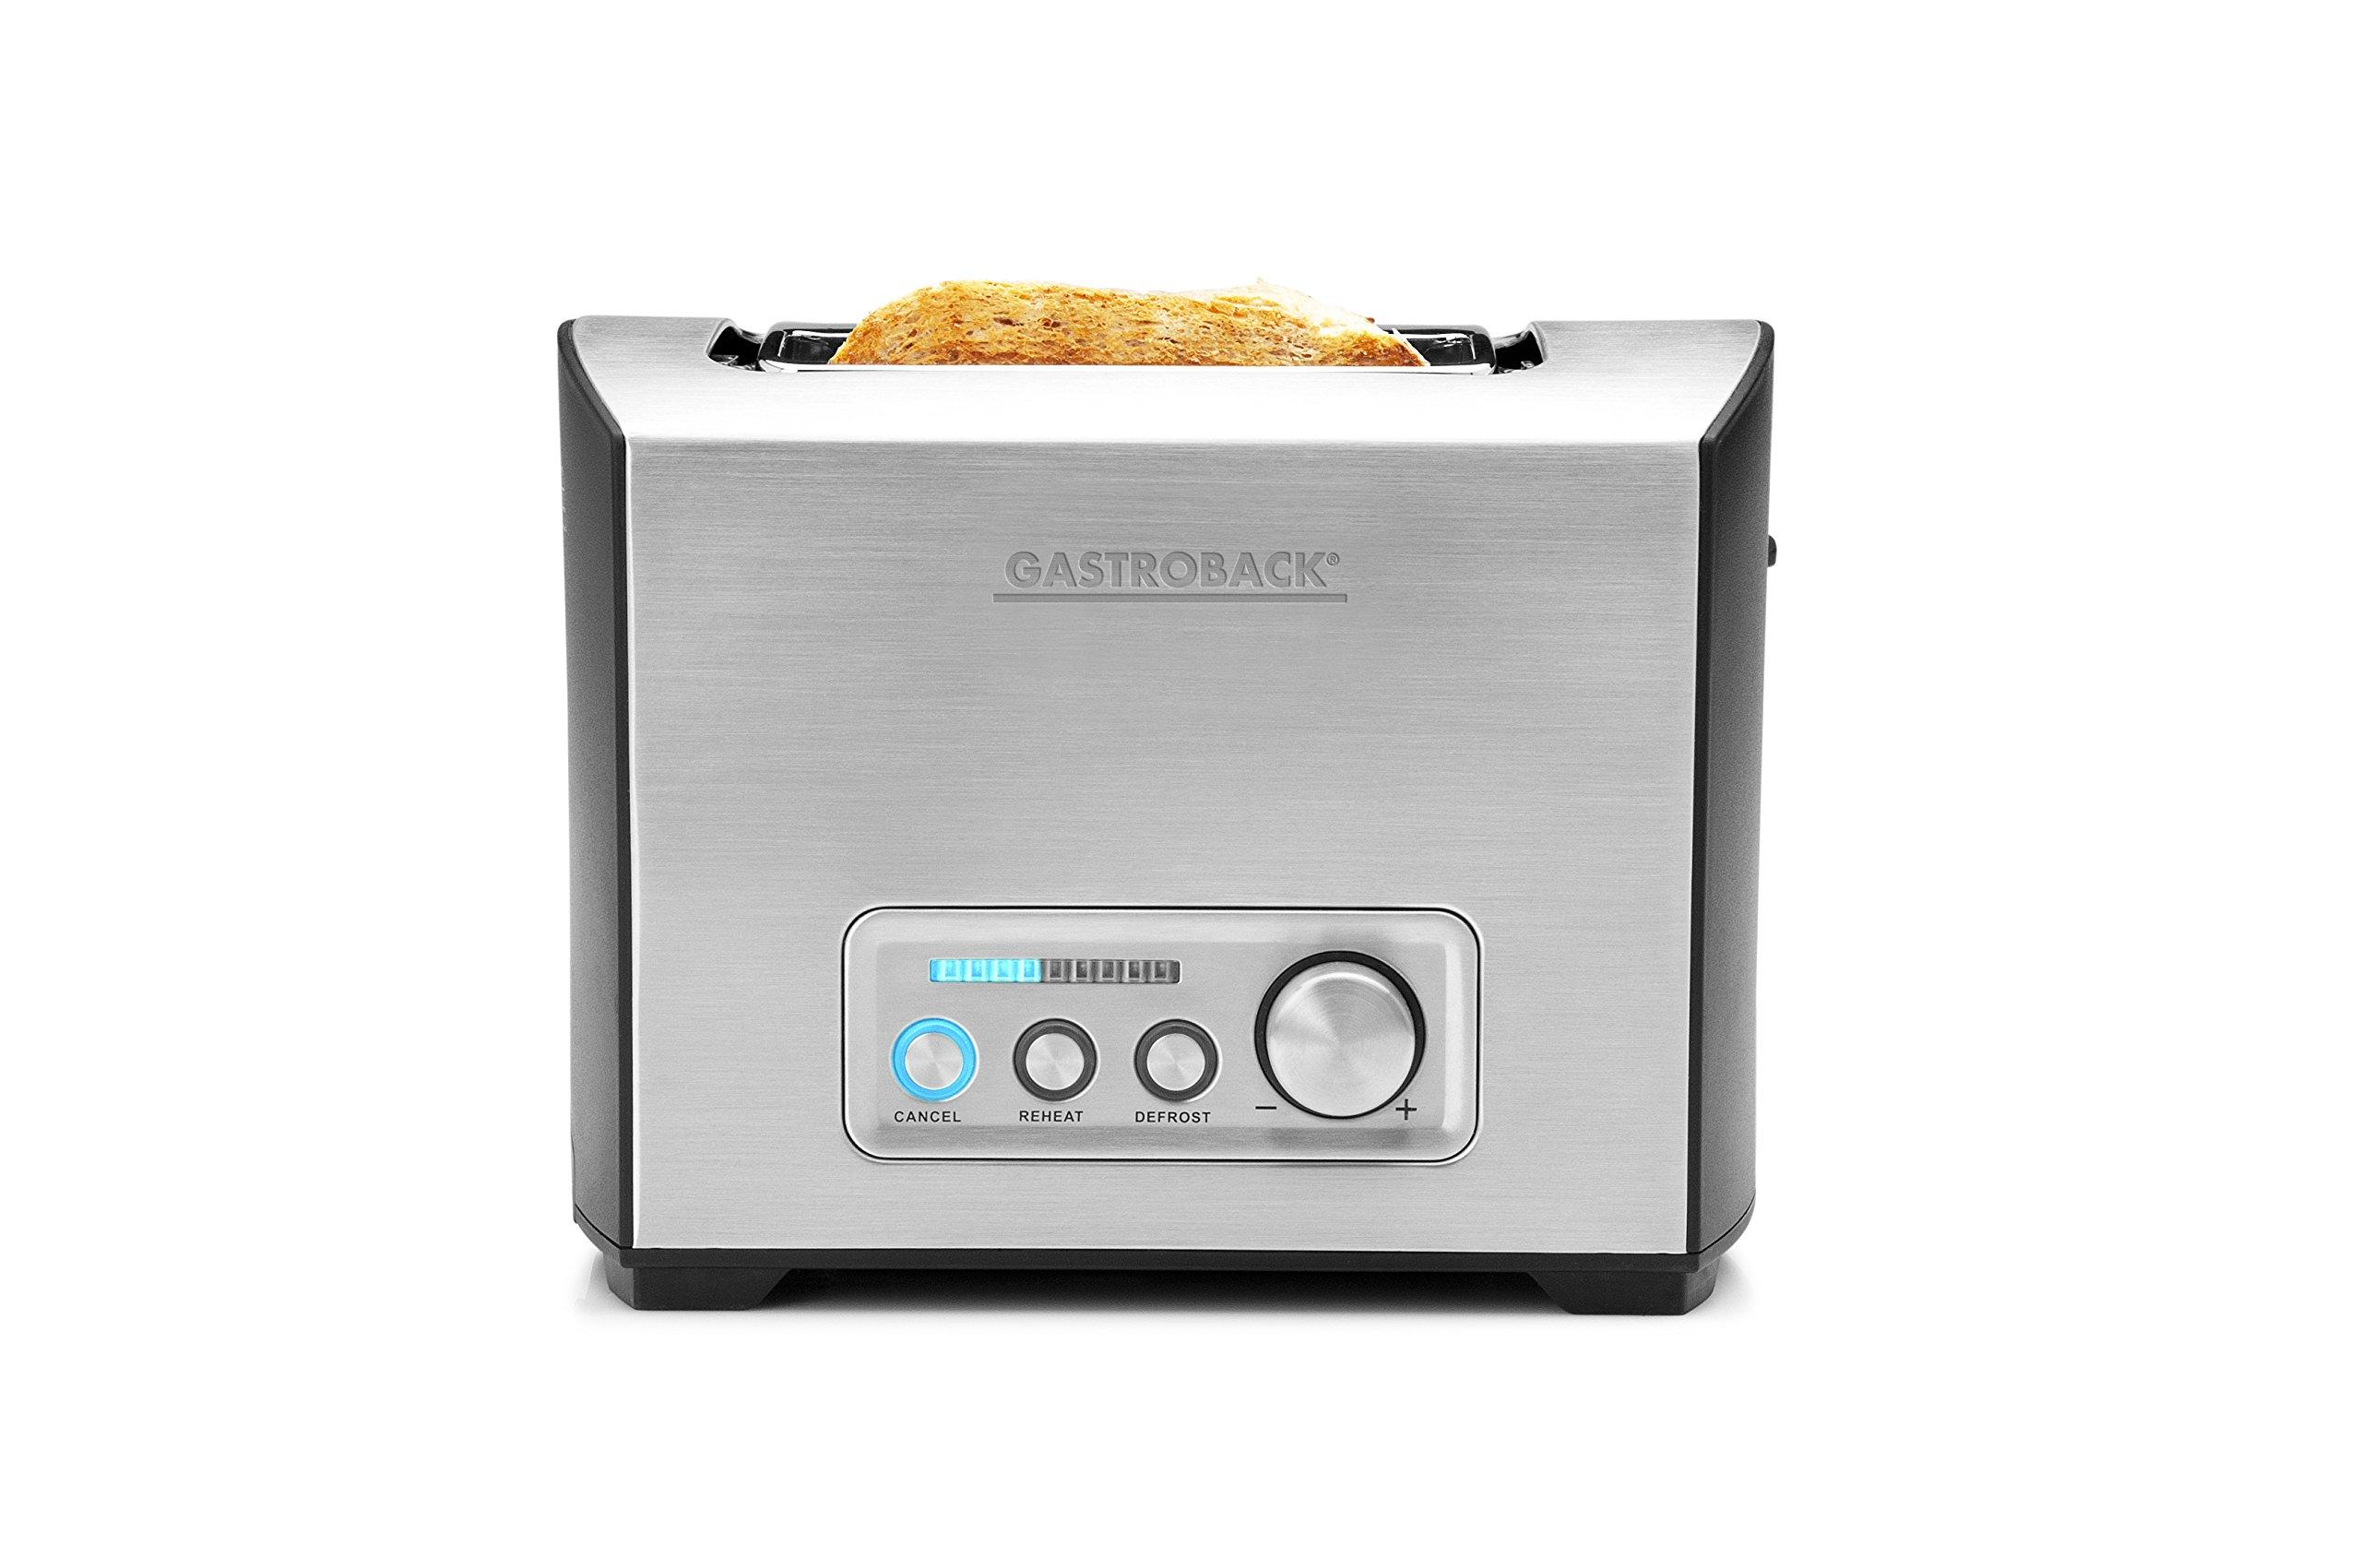 Gastroback-Toaster